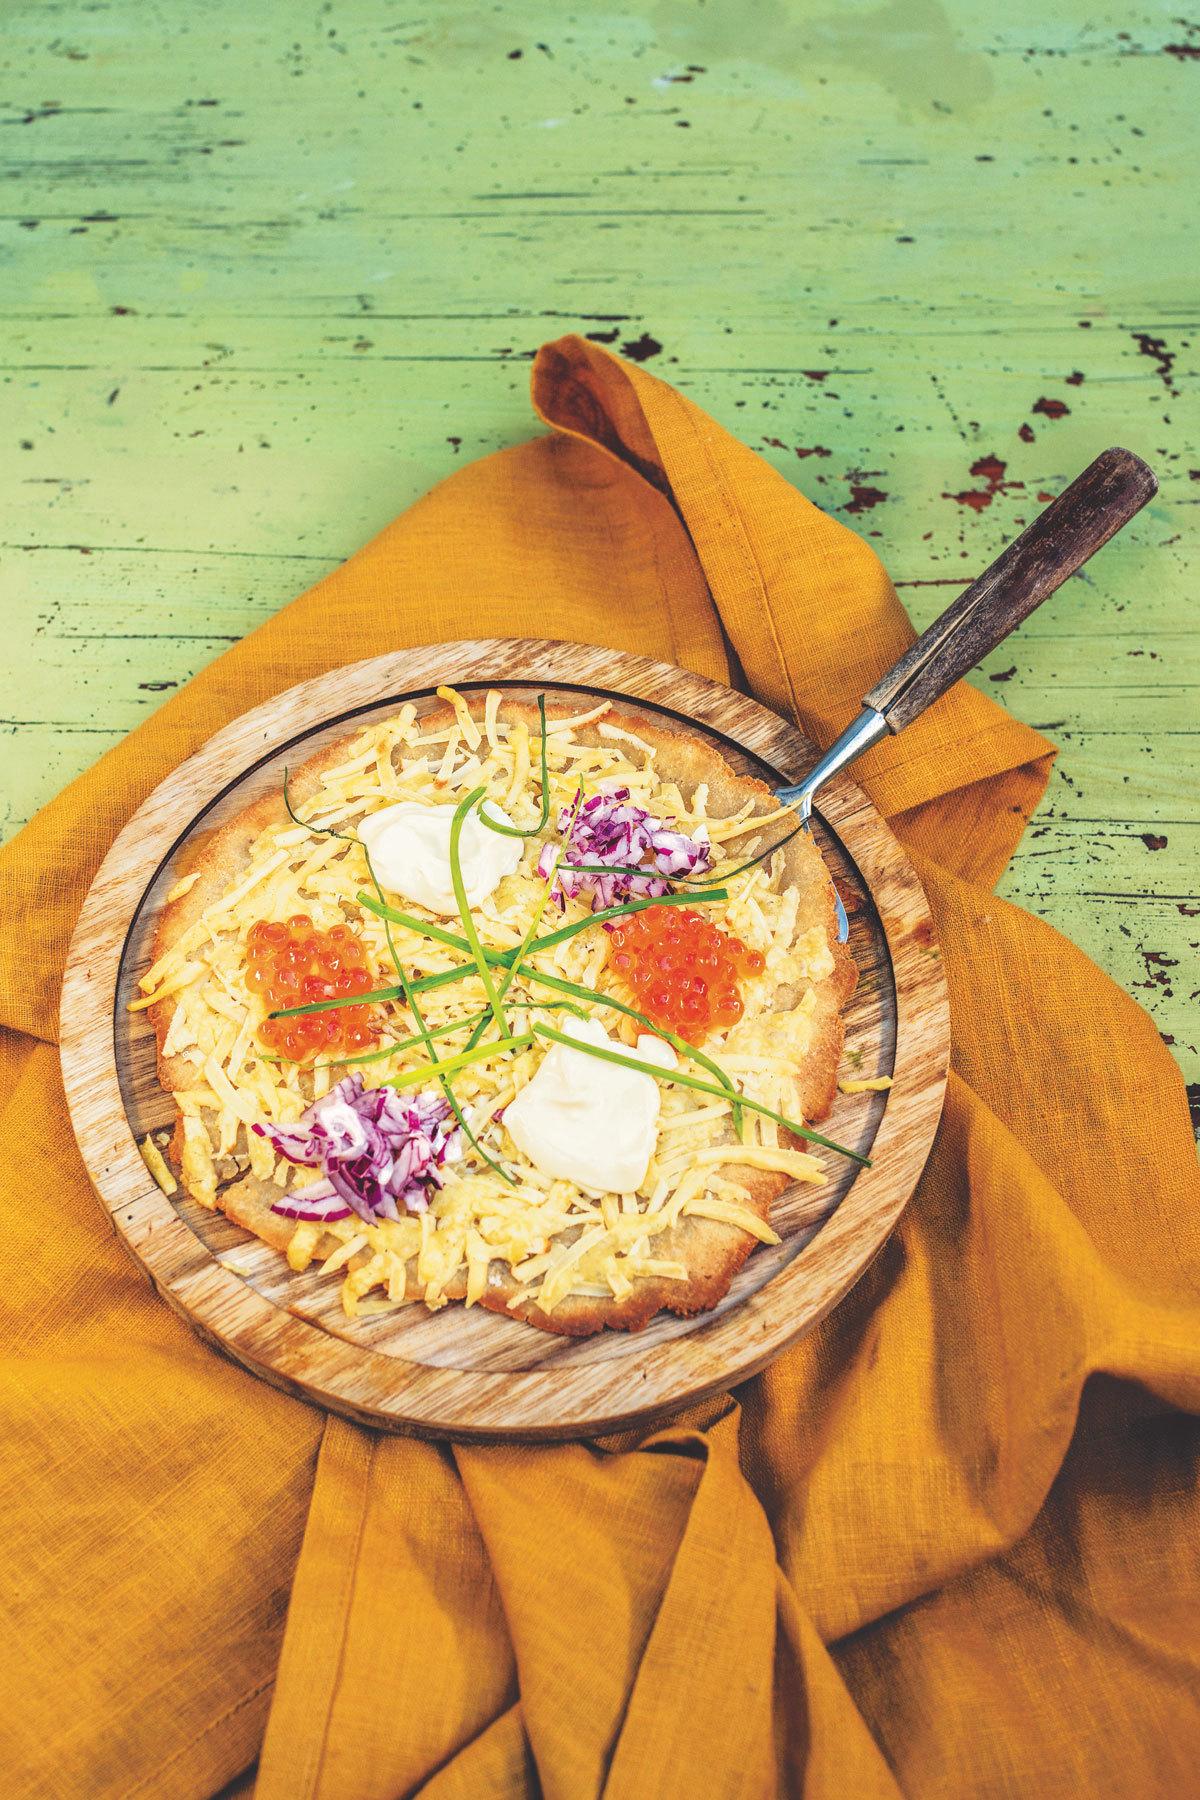 Pizza de huevas de salmón, cebolla morada y crème fraîche